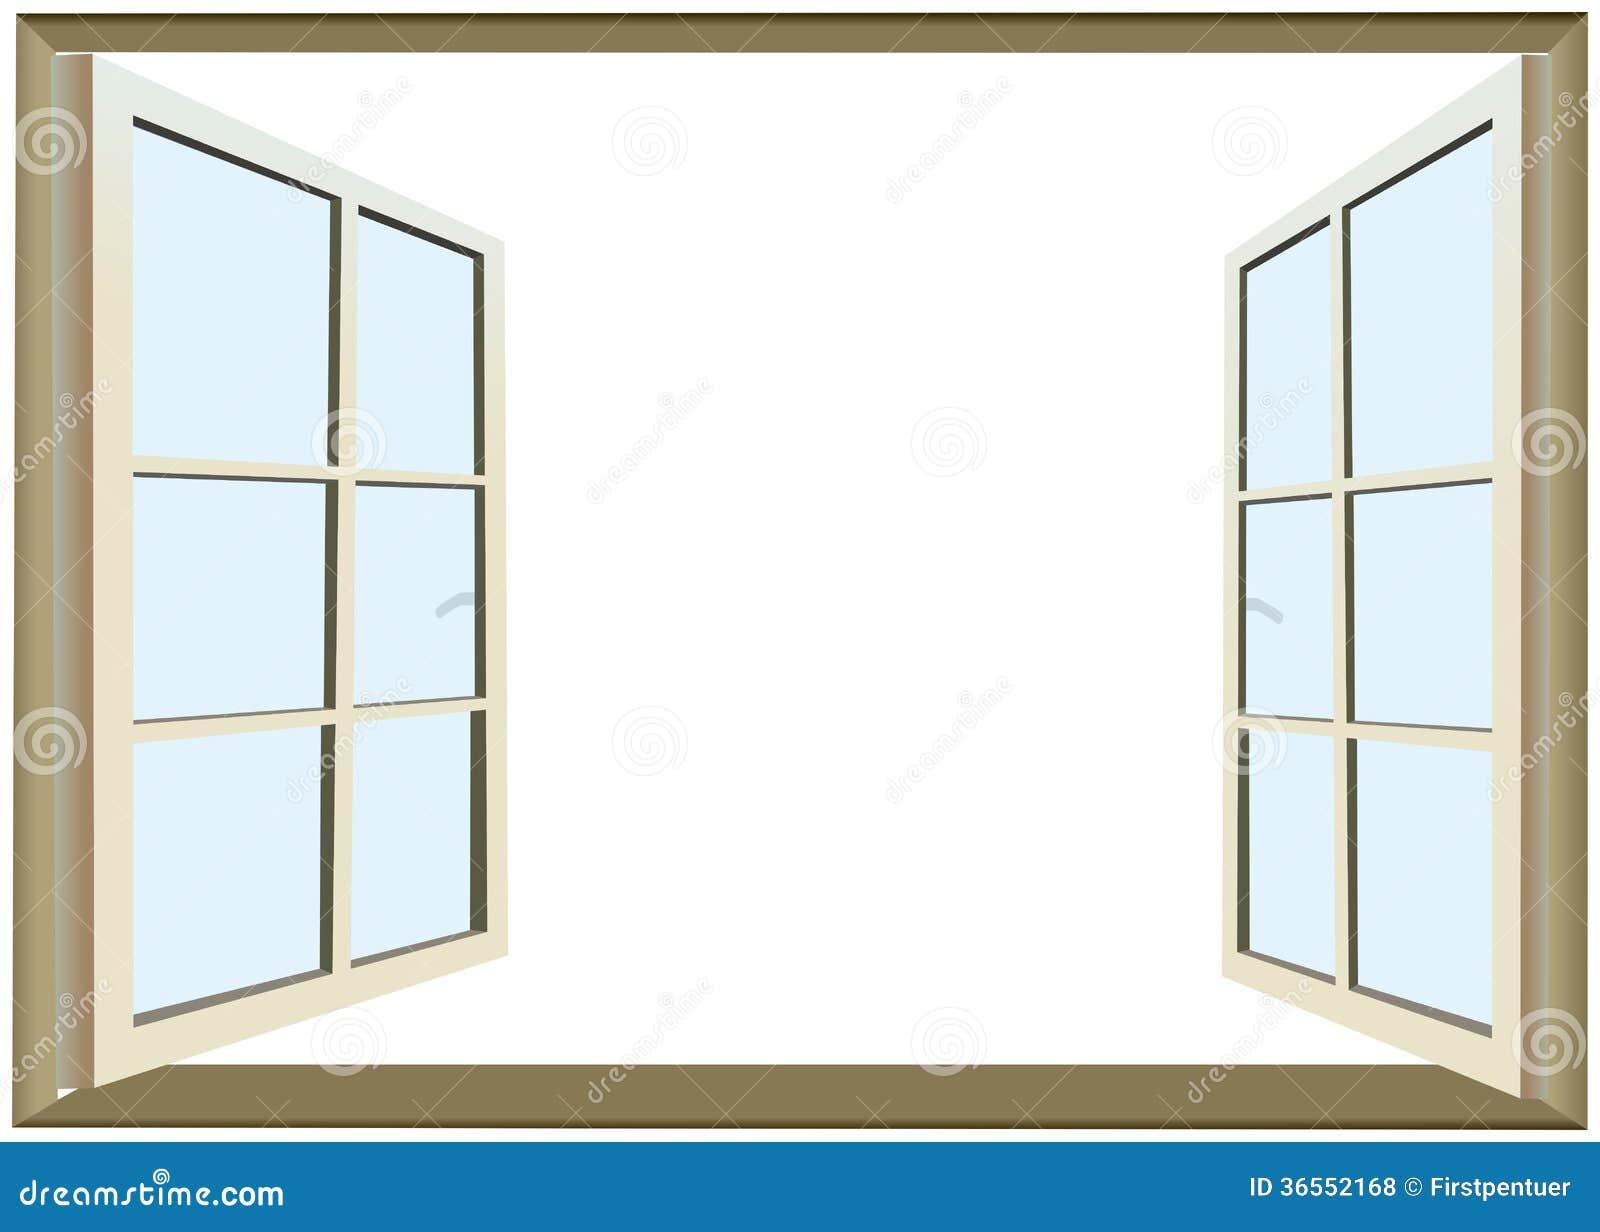 ge ffnetes fenster mit leerem raum f r text lizenzfreie stockfotos bild 36552168. Black Bedroom Furniture Sets. Home Design Ideas